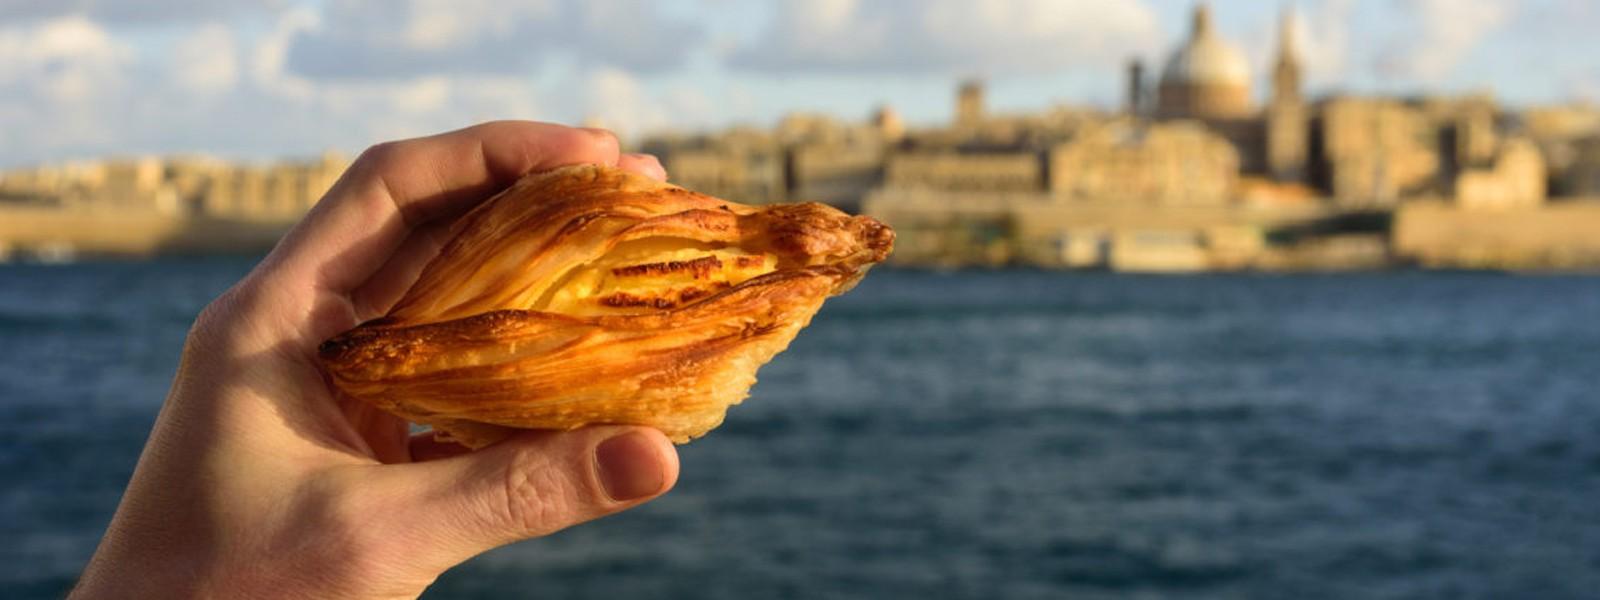 Ai fornelli con Malta, le migliori ricette della tradizione maltese